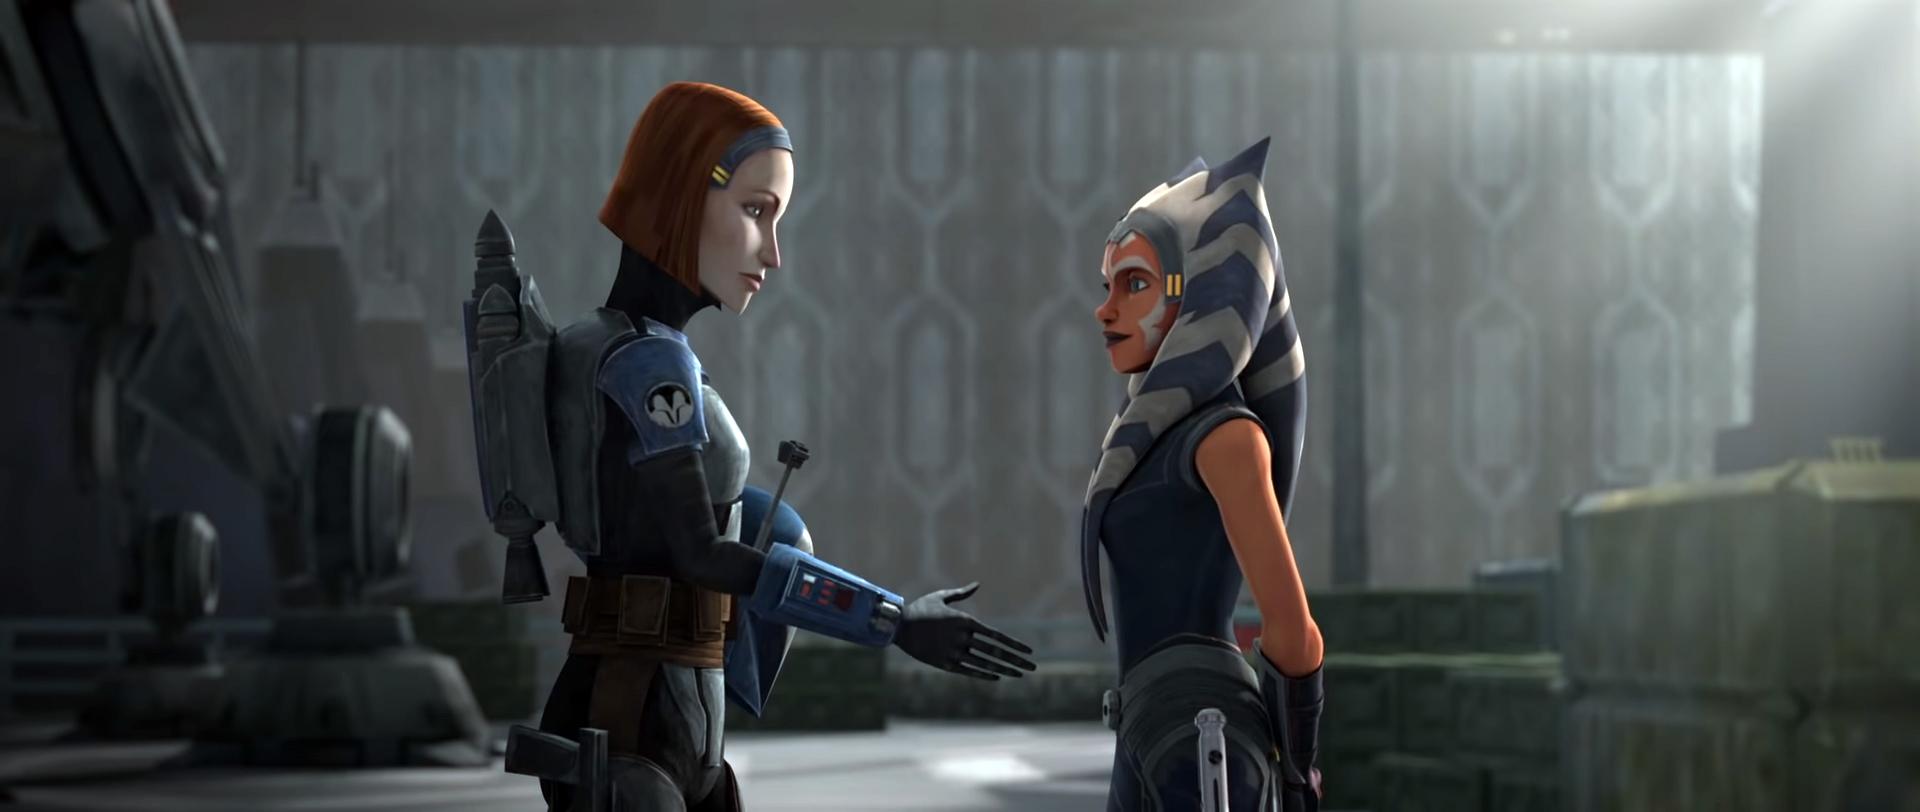 , Clone Wars 7 è epico come L'Ascesa di Skywalker, è Star Wars allo stato puro, Star Wars Addicted